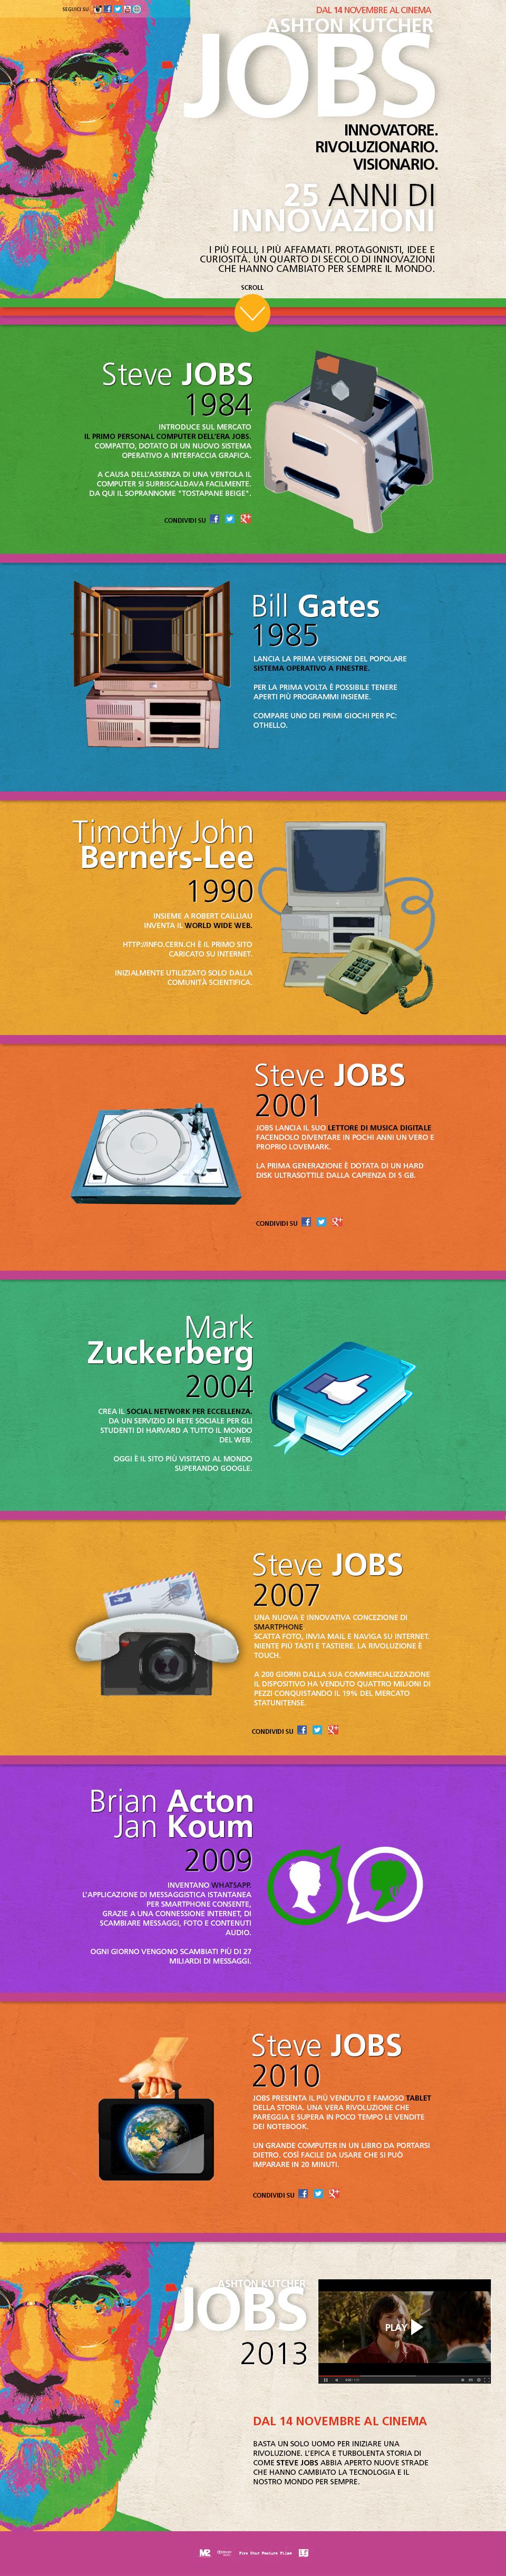 2013-11-12-stevejobsinfografica.jpg